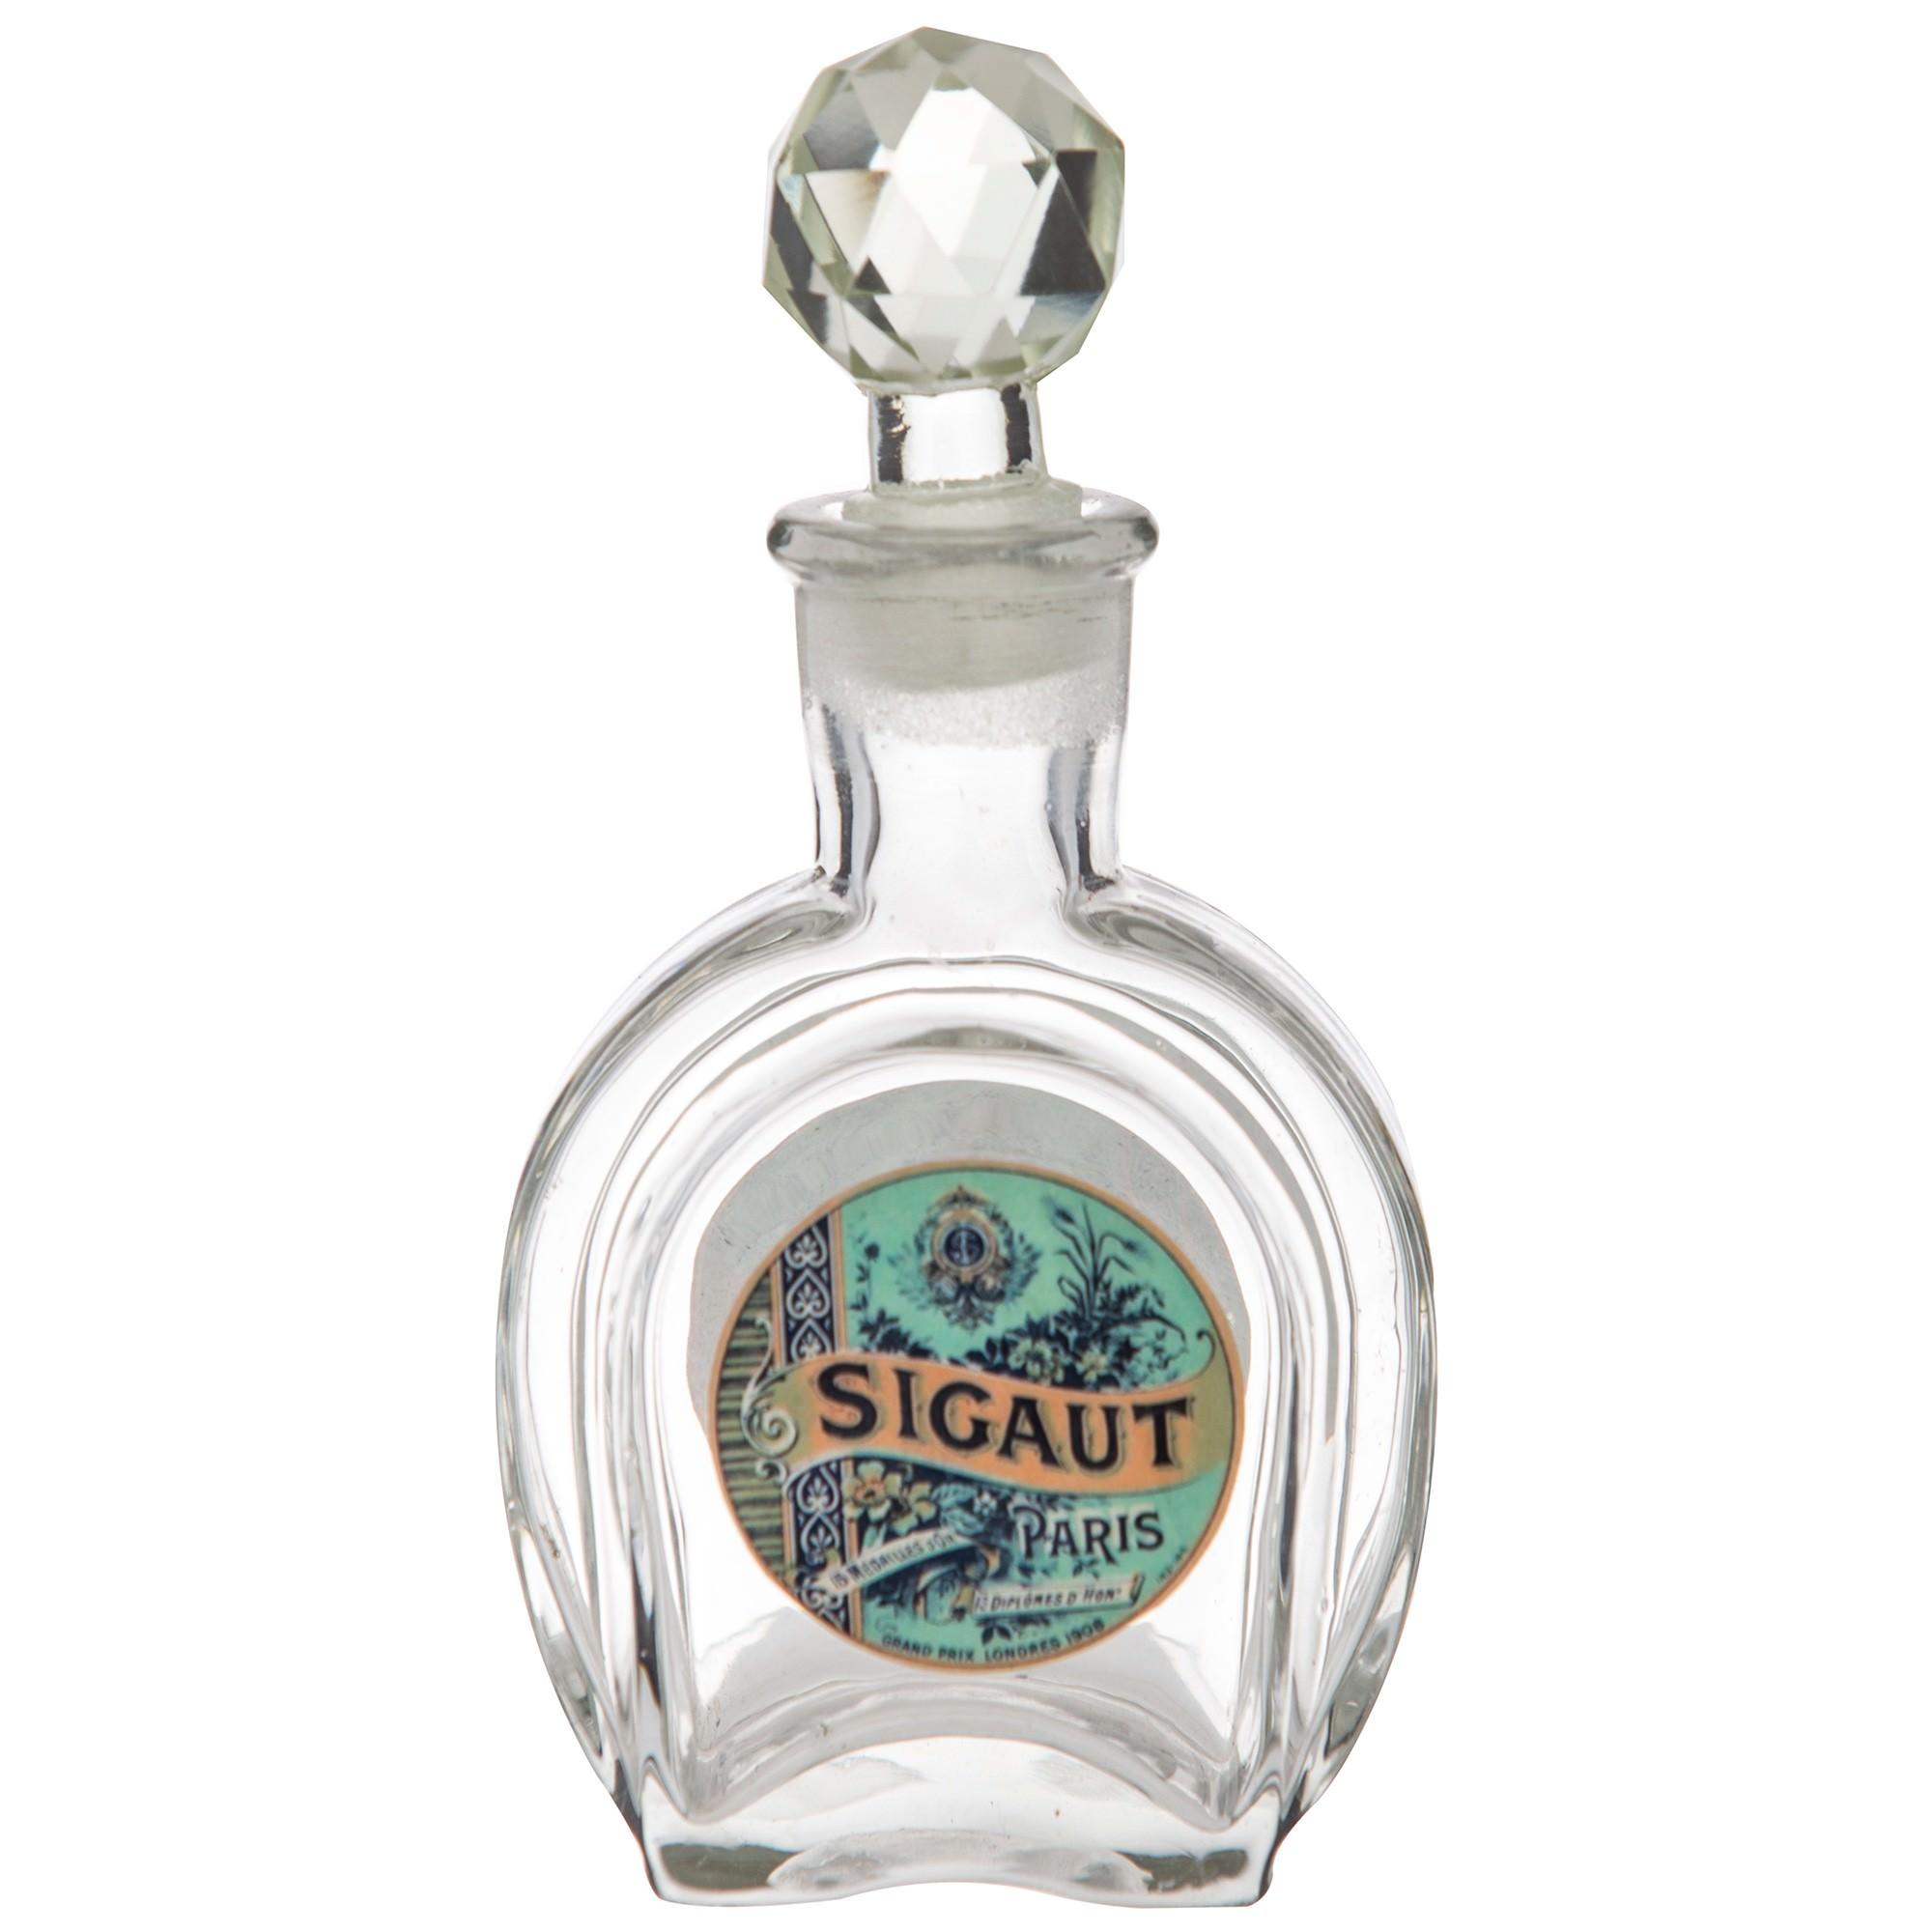 Saint Pierre Vintage Glass Apothecary Bottle, Sigaut